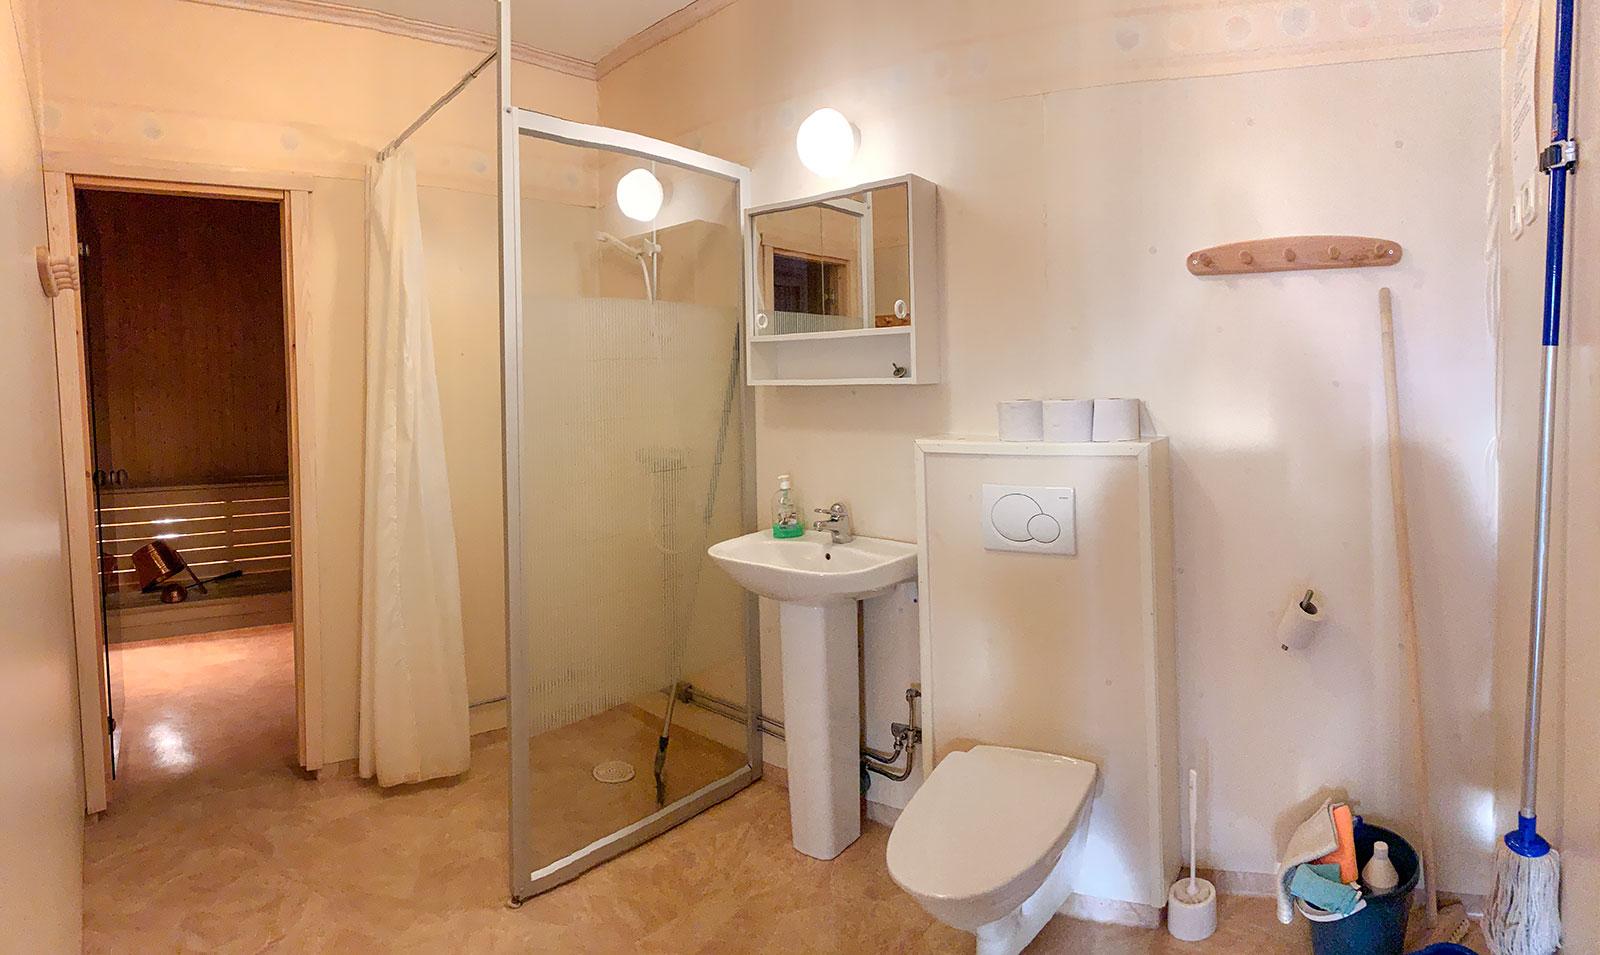 toalett_bastu_nere.jpg